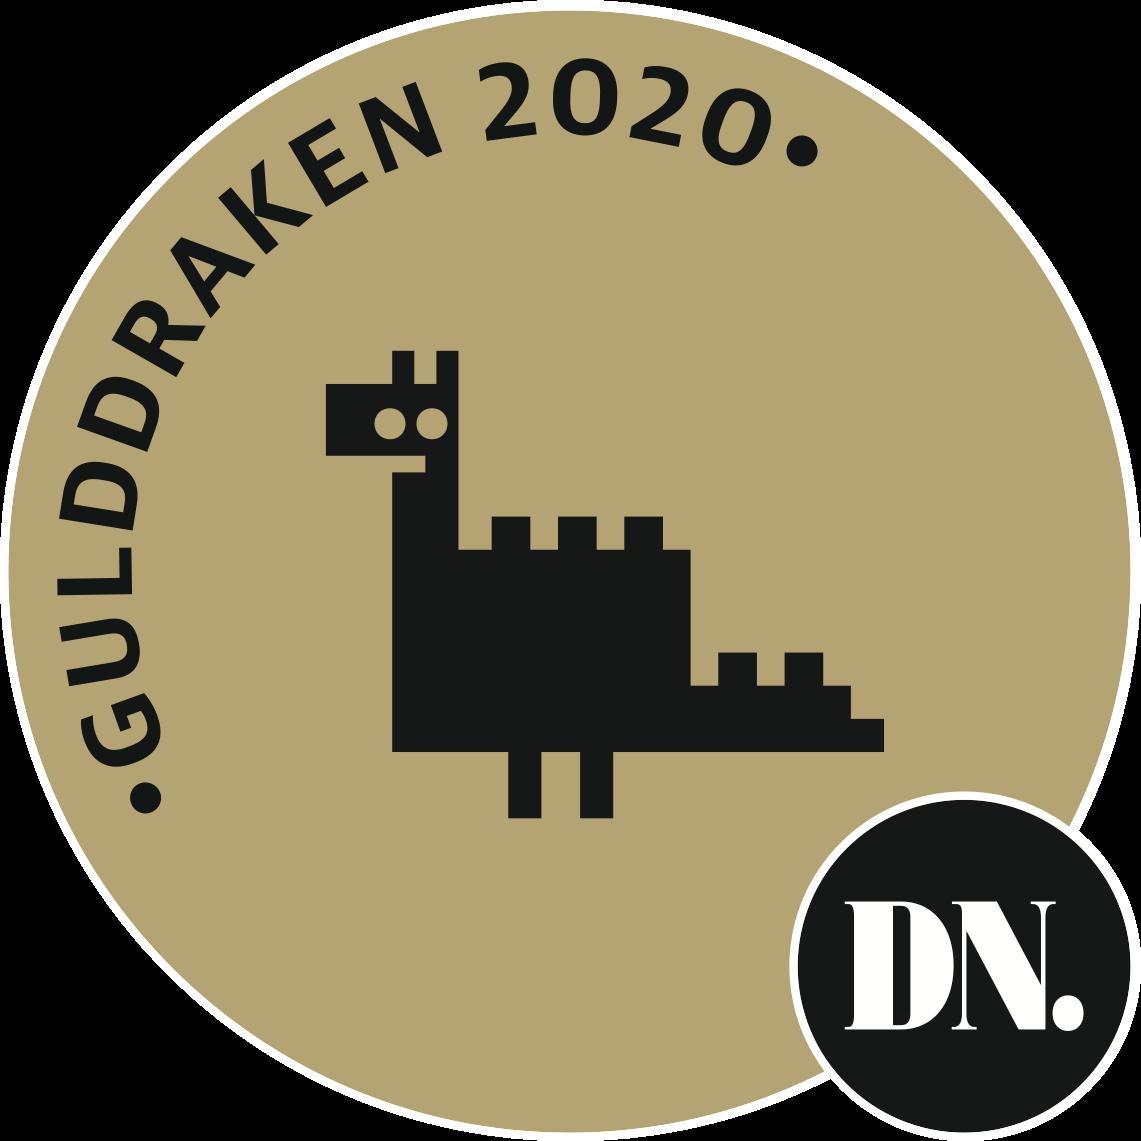 Folkparken nominerad till Gulddraken 2020